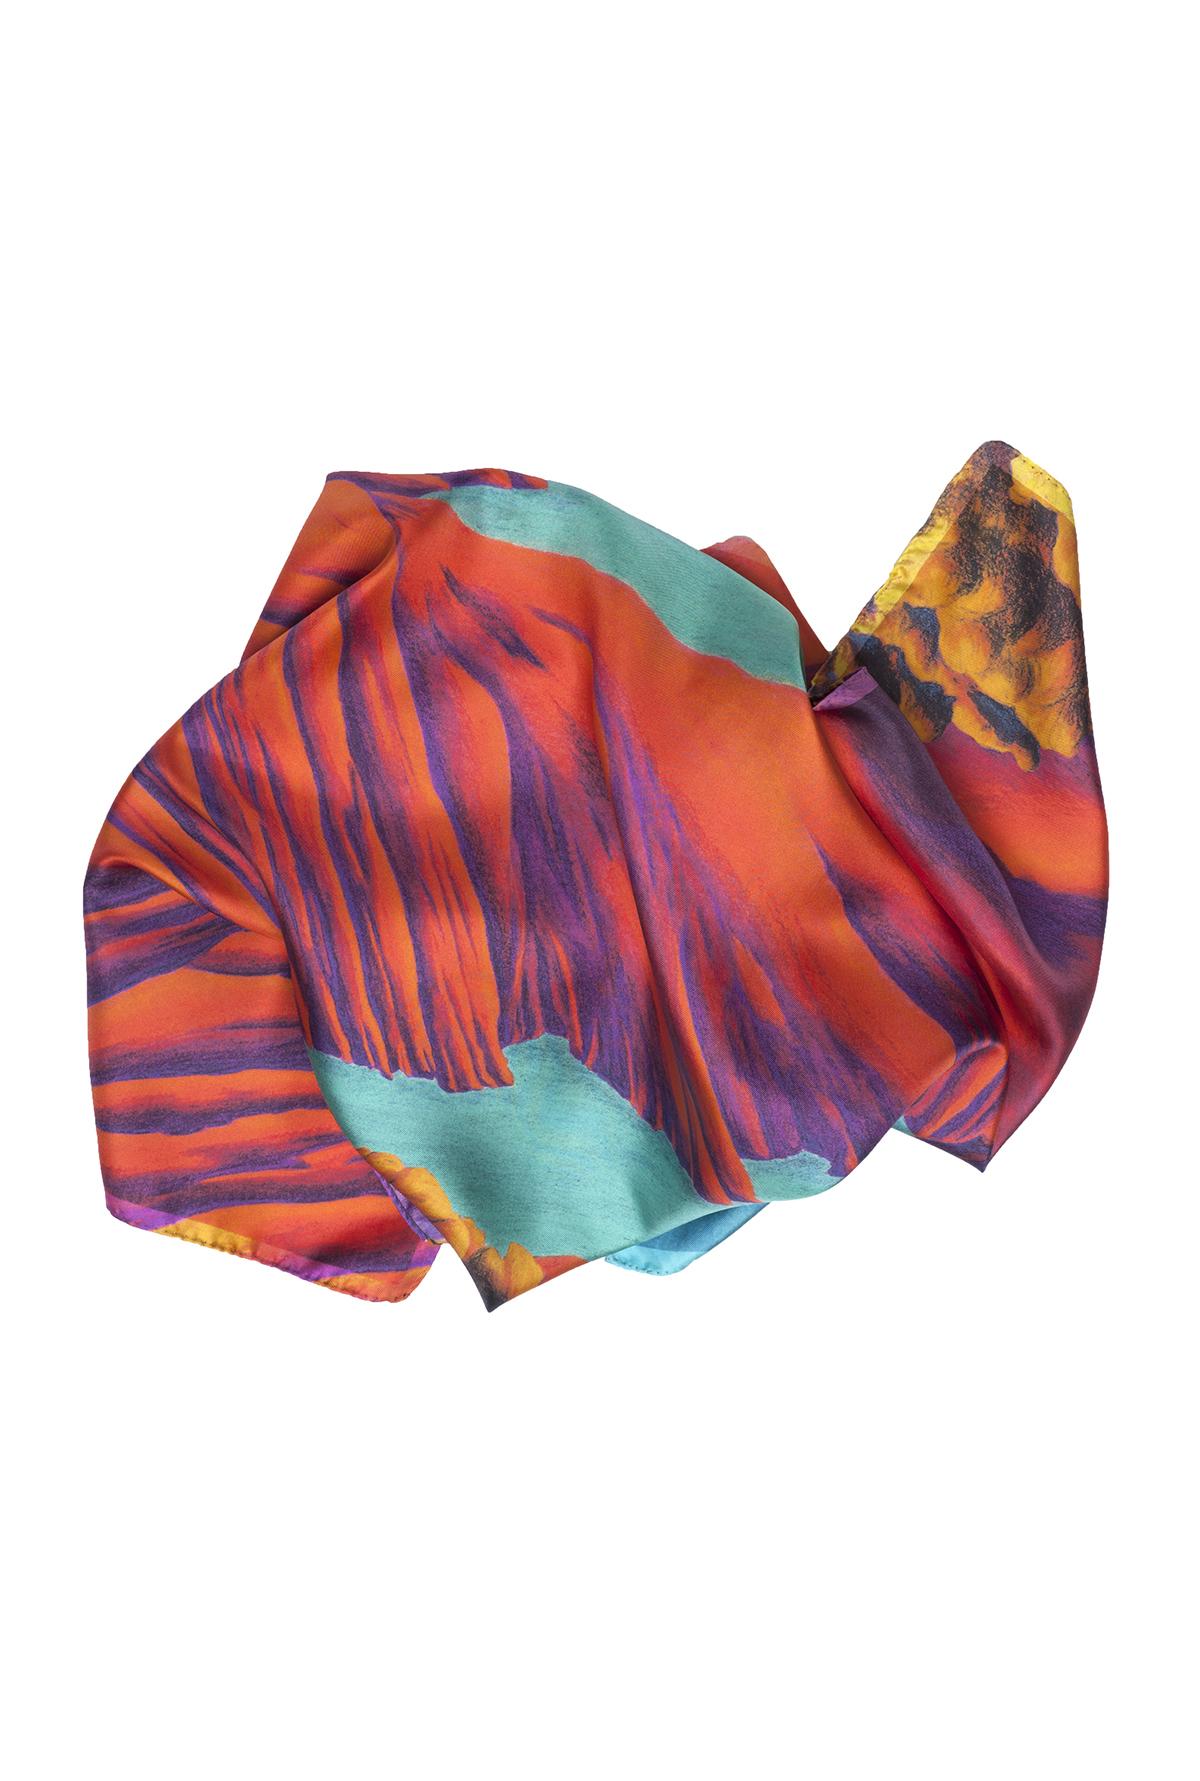 Détail foulard carré rouge en soie collection Rêves Martiens - Céline Dominiak